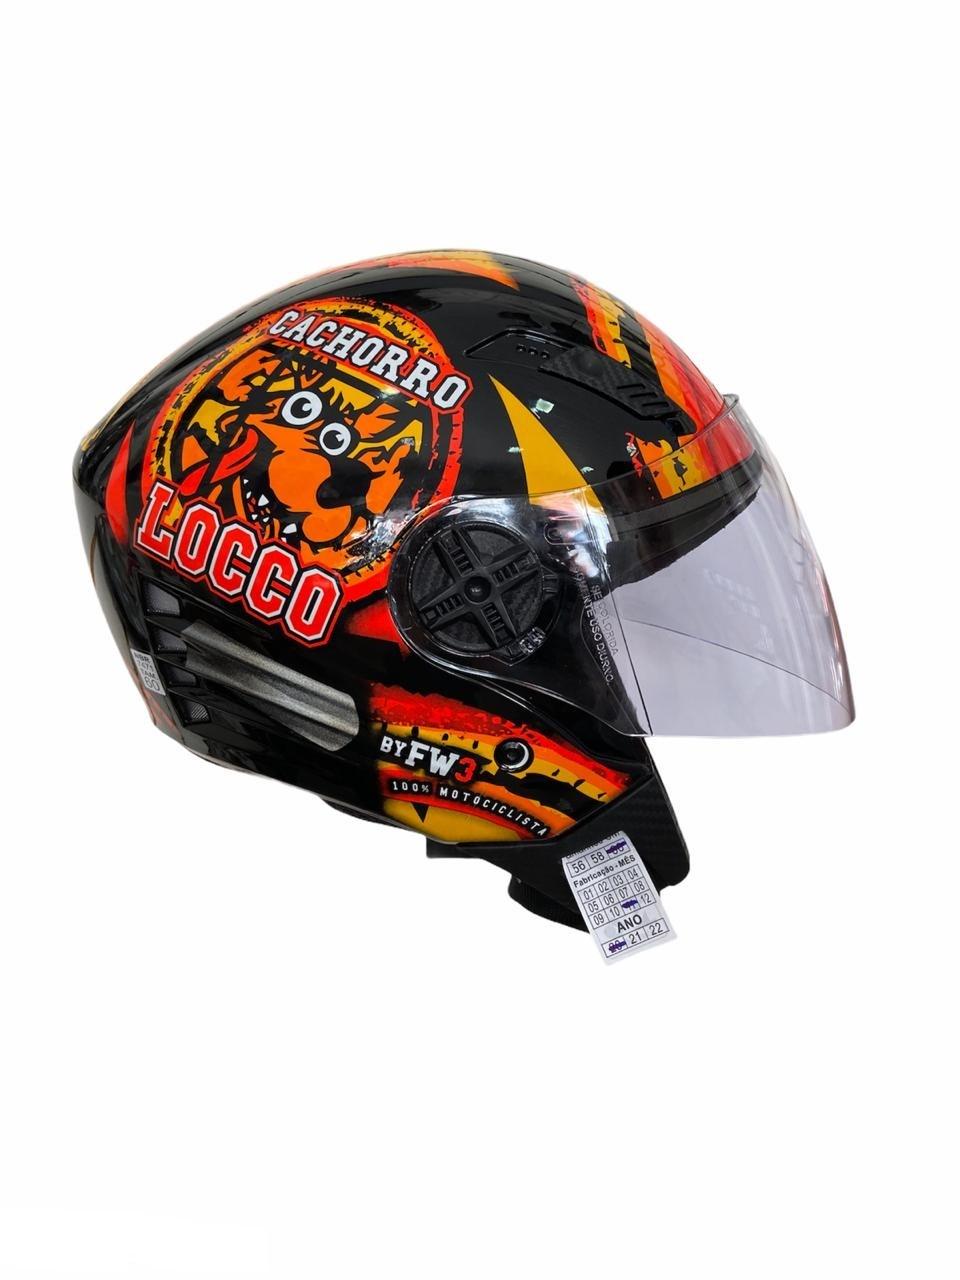 Capacete de moto aberto Cachorro Locco X-Open preto brilhante